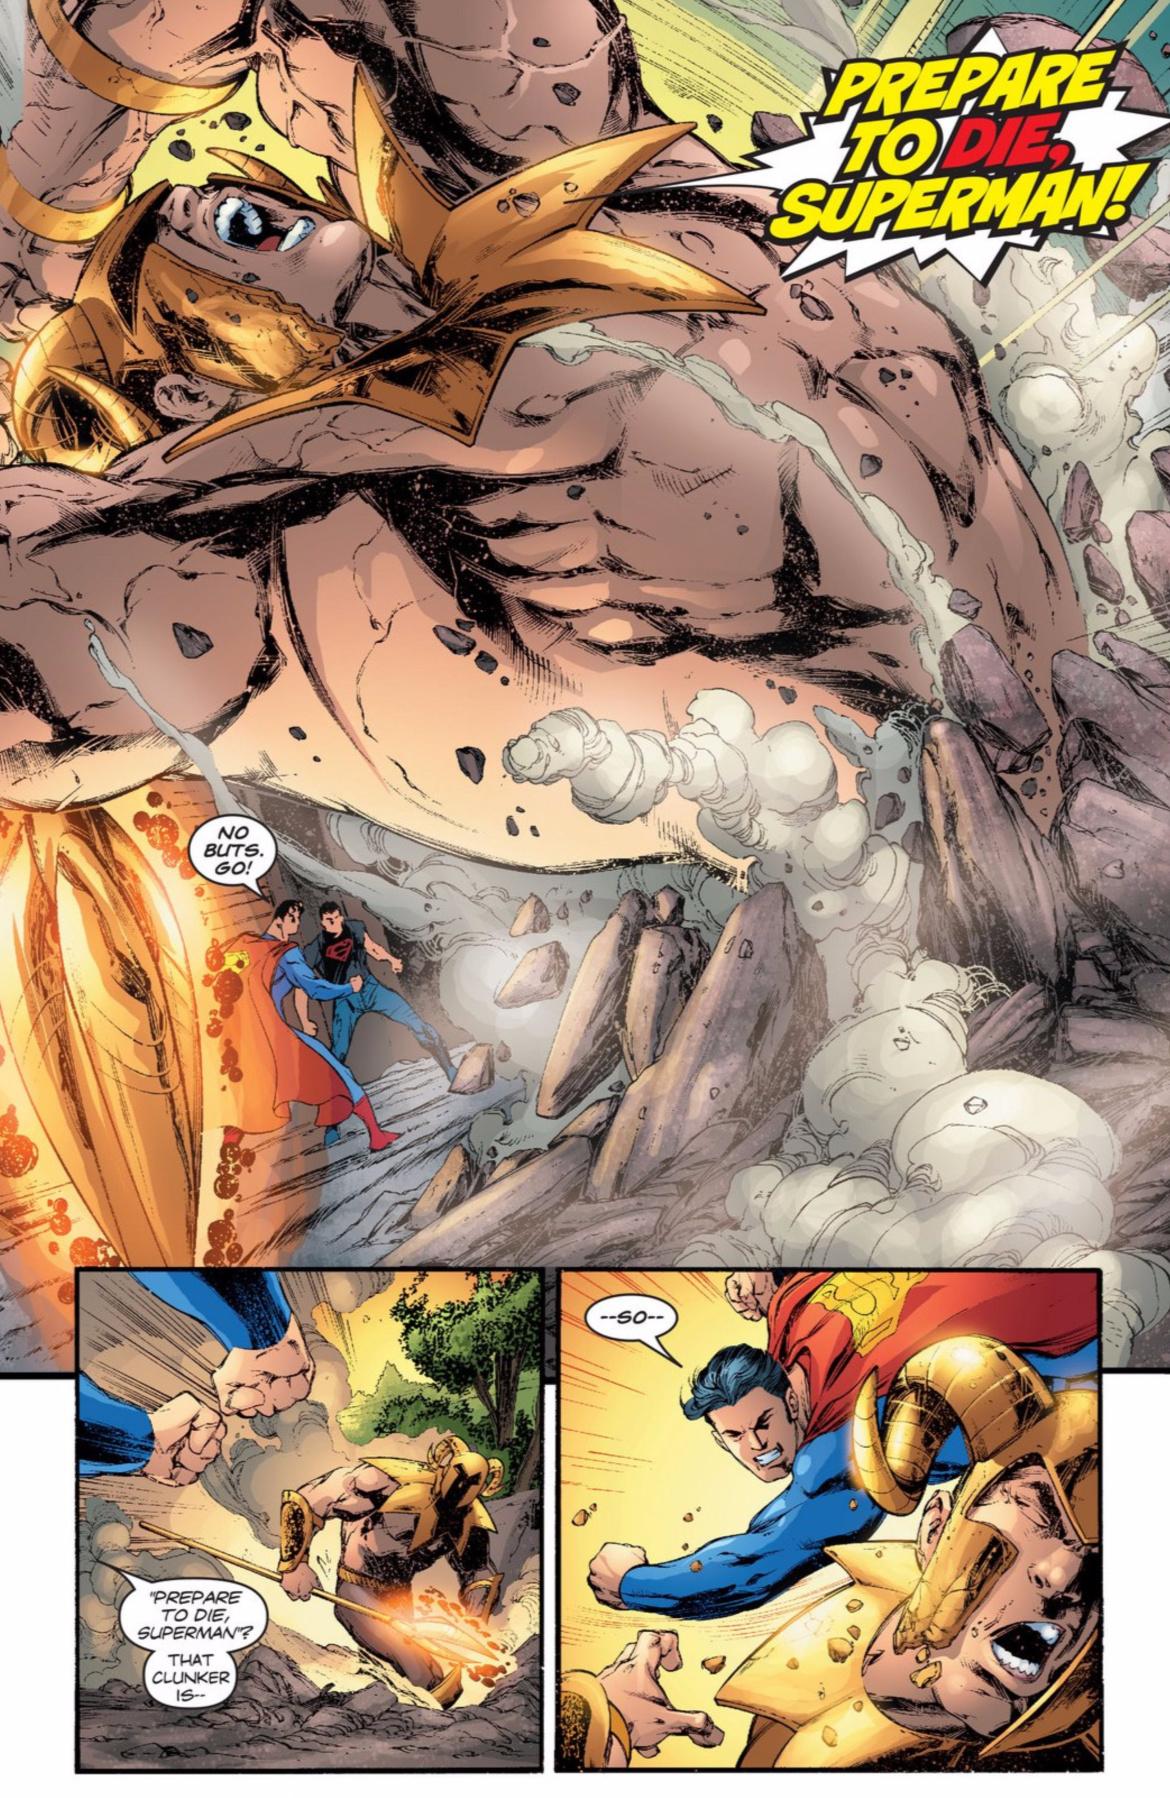 hercules vs superman - HD1024×1563